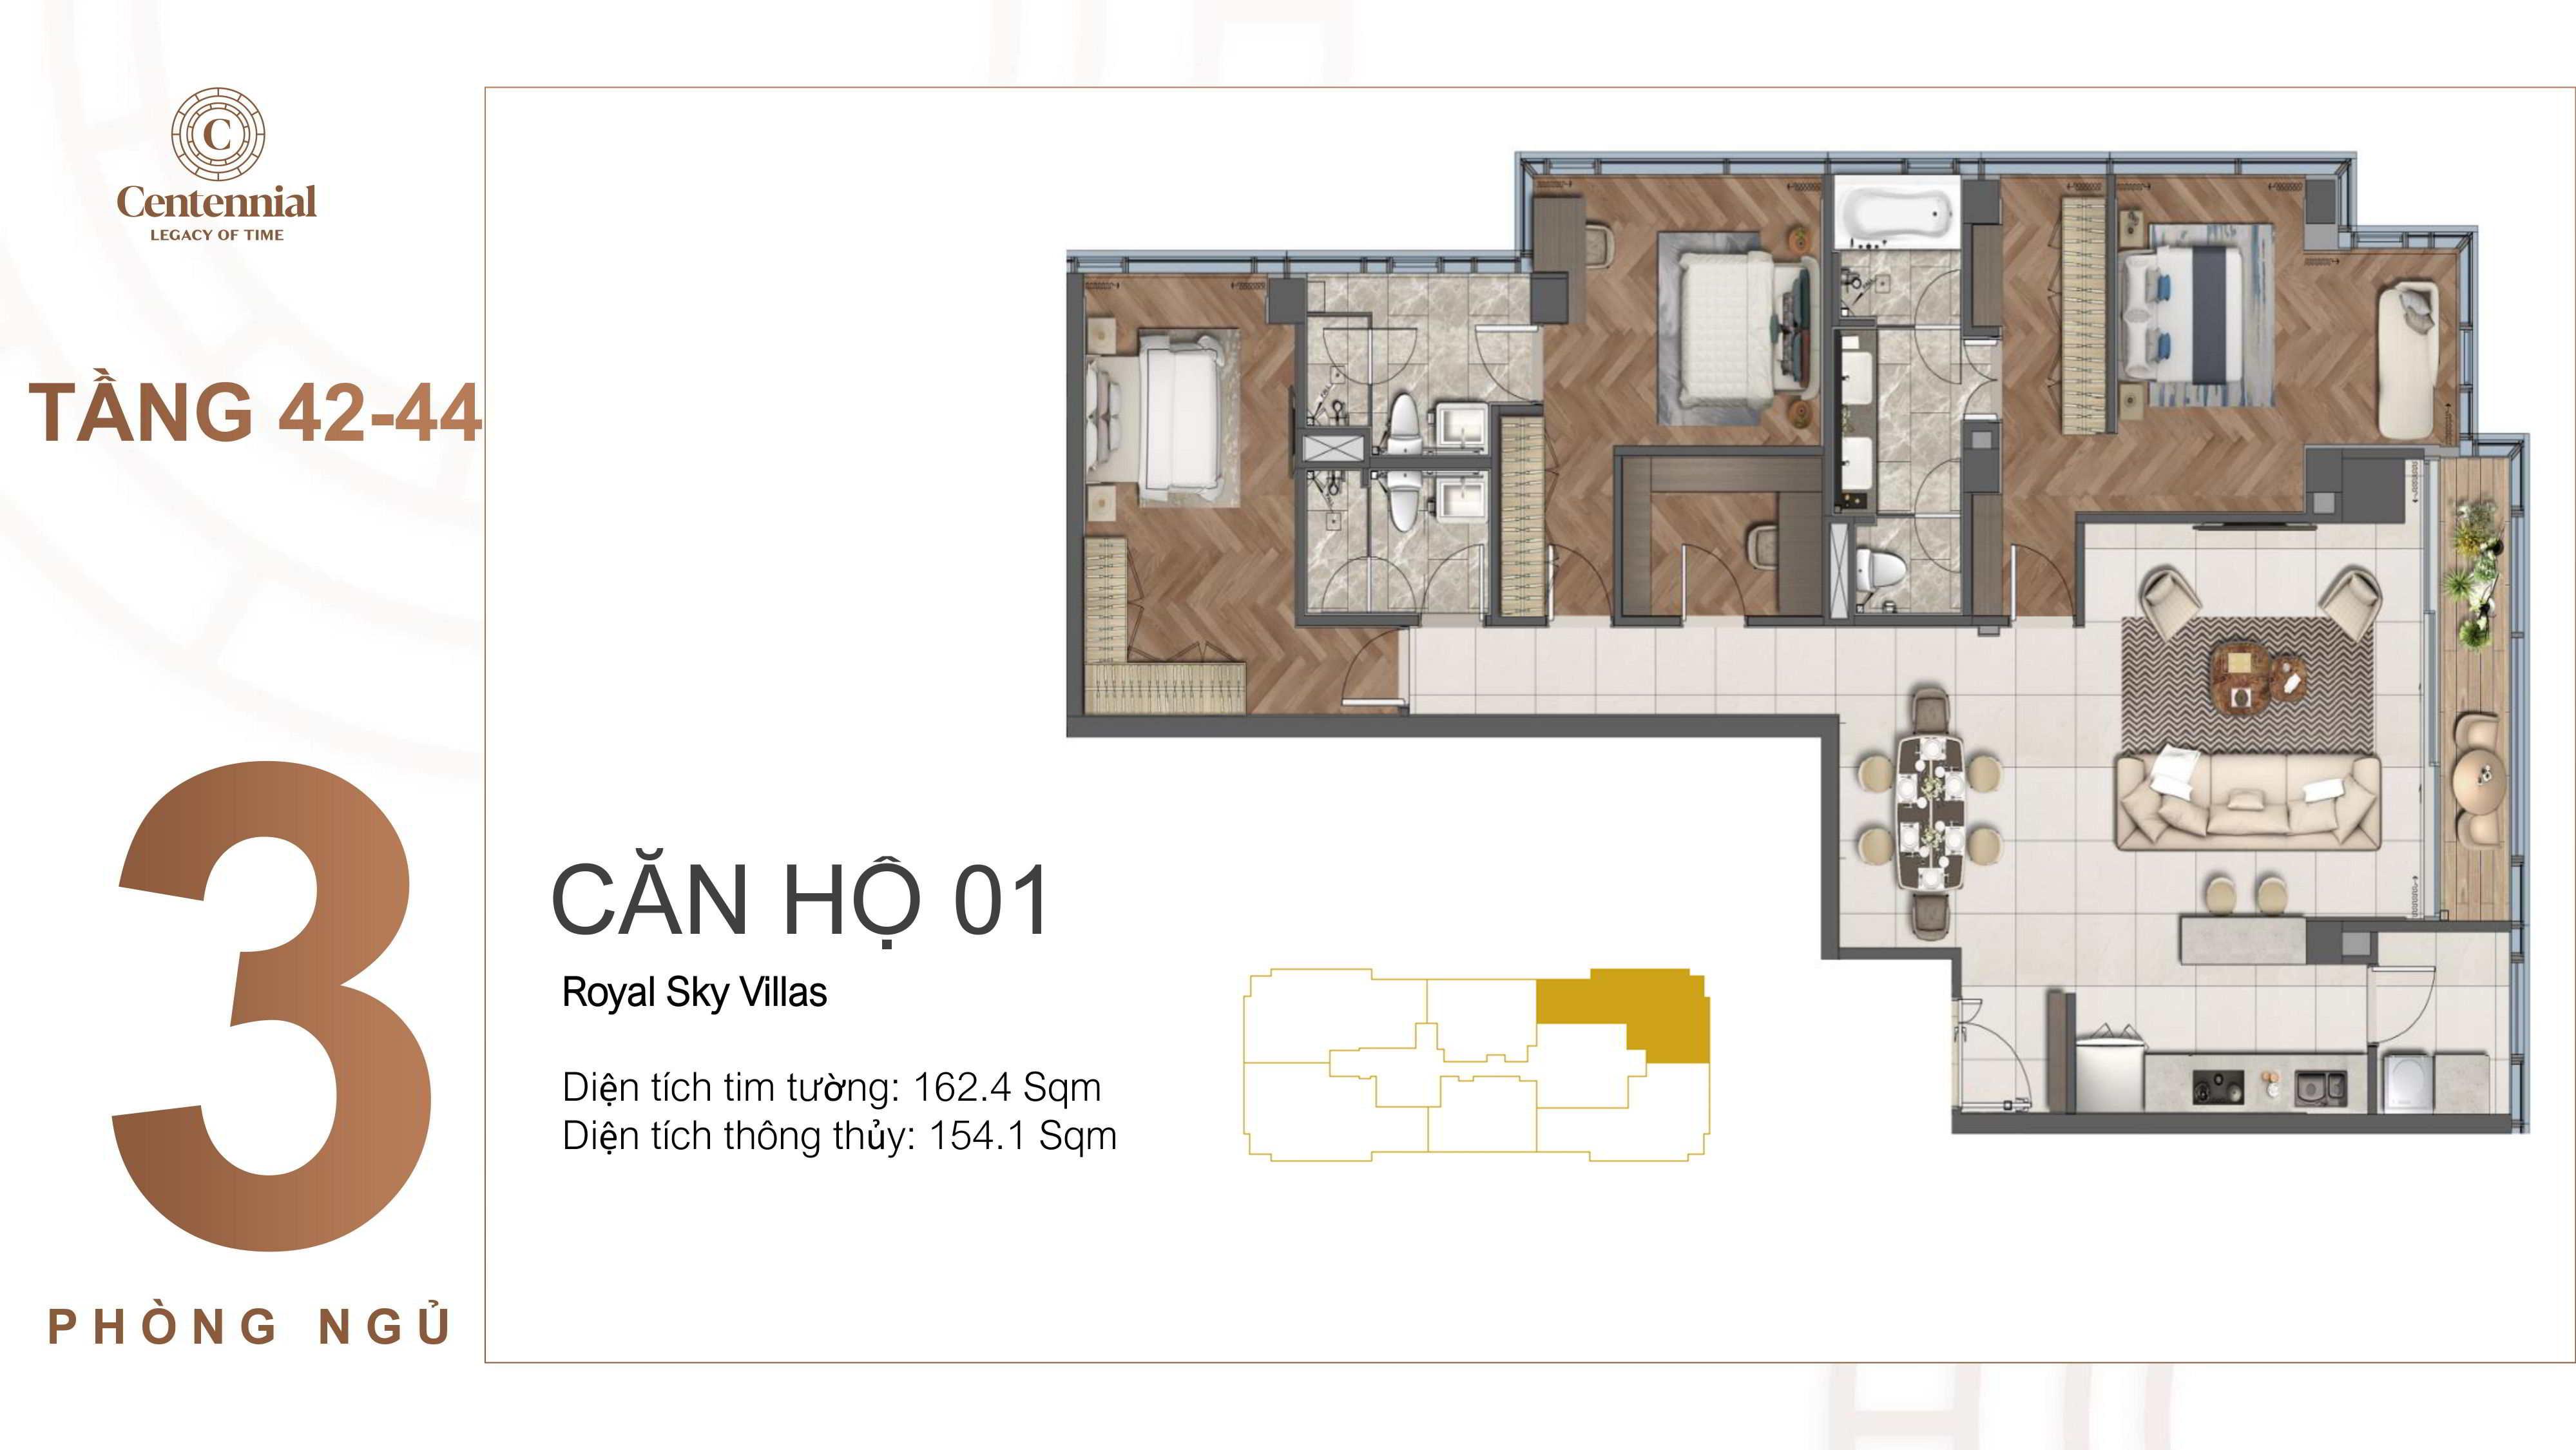 Mặt bằng thiết kế căn hộ centennial 3 phòng ngủ